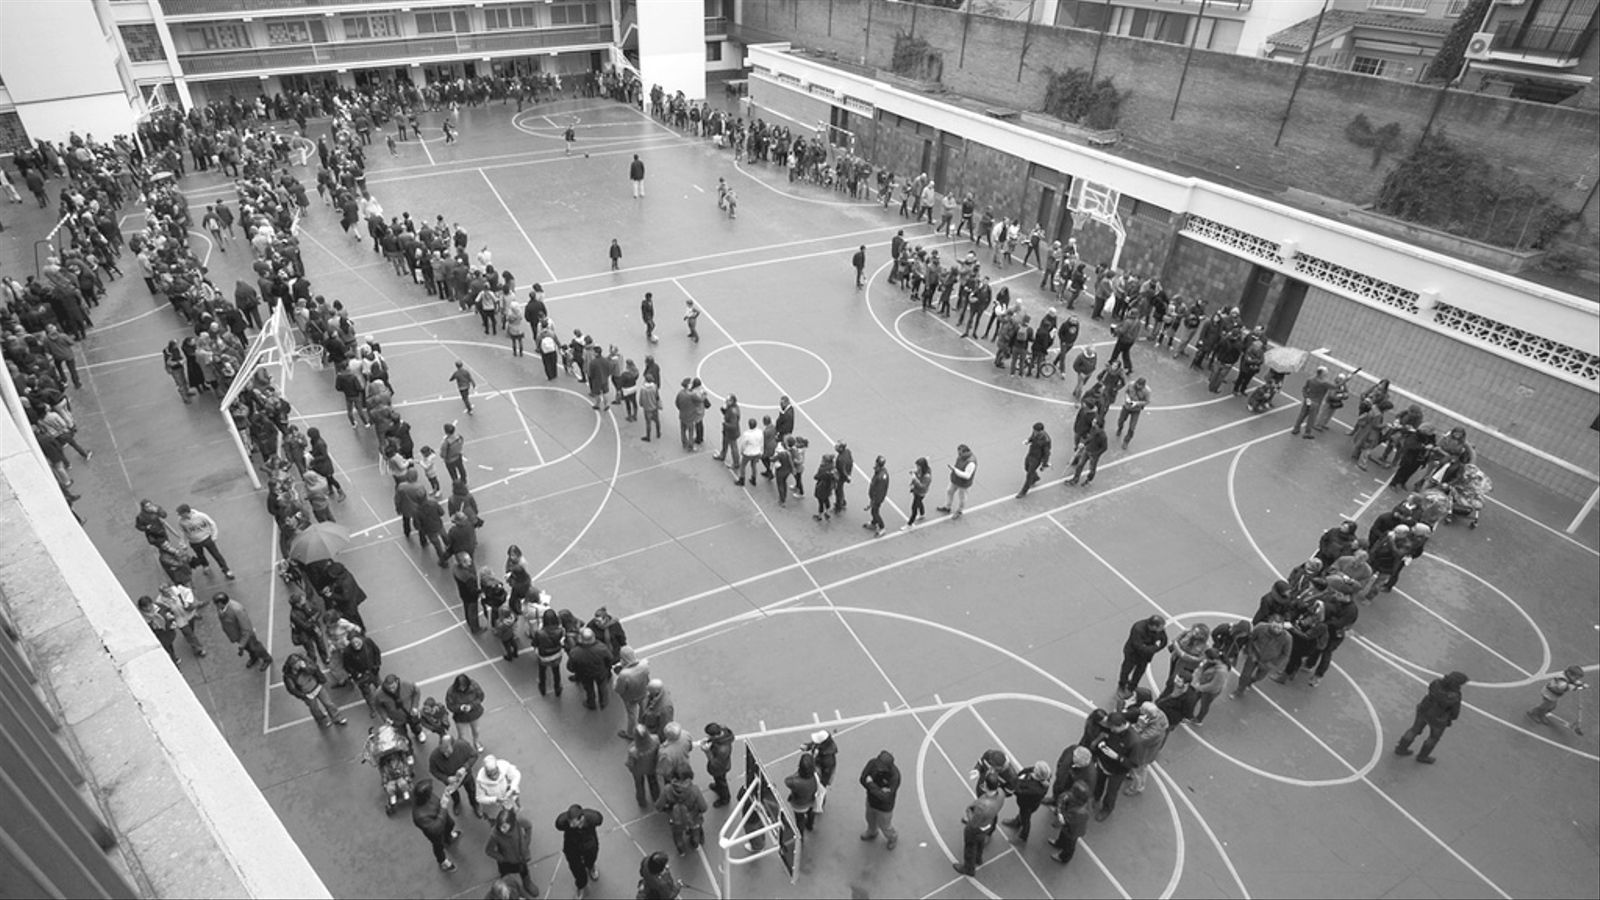 L'editorial d'Antoni Bassas: A qui li fa por la democràcia? (20/07/2015)